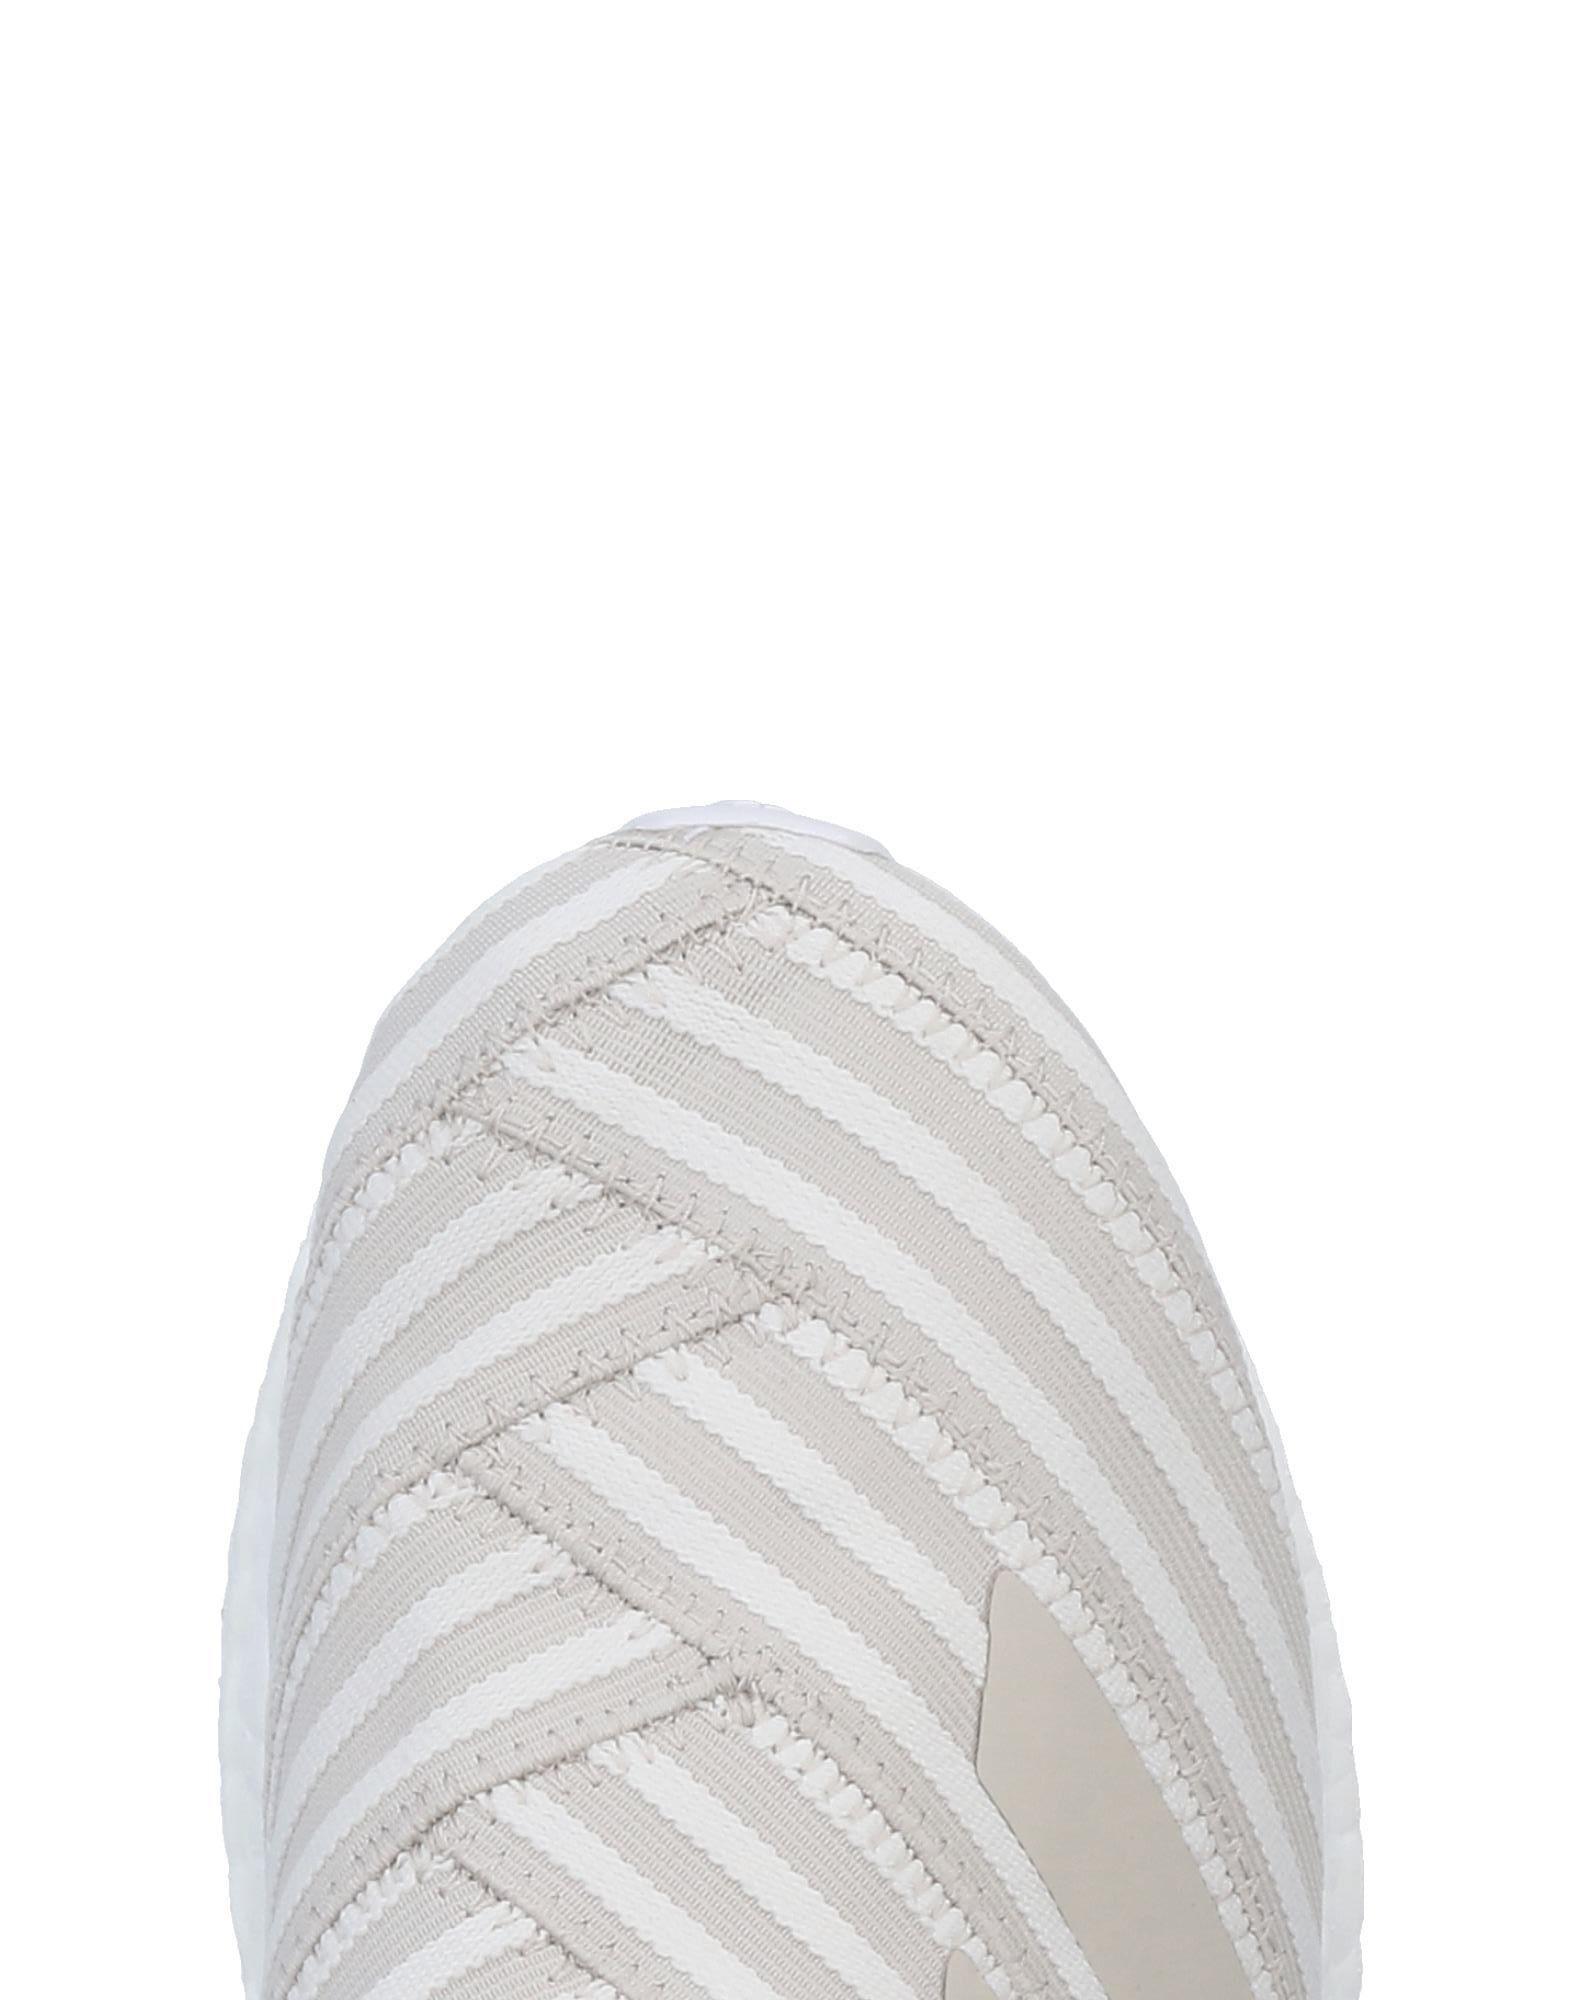 Scarpe economiche 11452145DA e resistenti Sneakers Adidas Uomo - 11452145DA economiche c96dbe